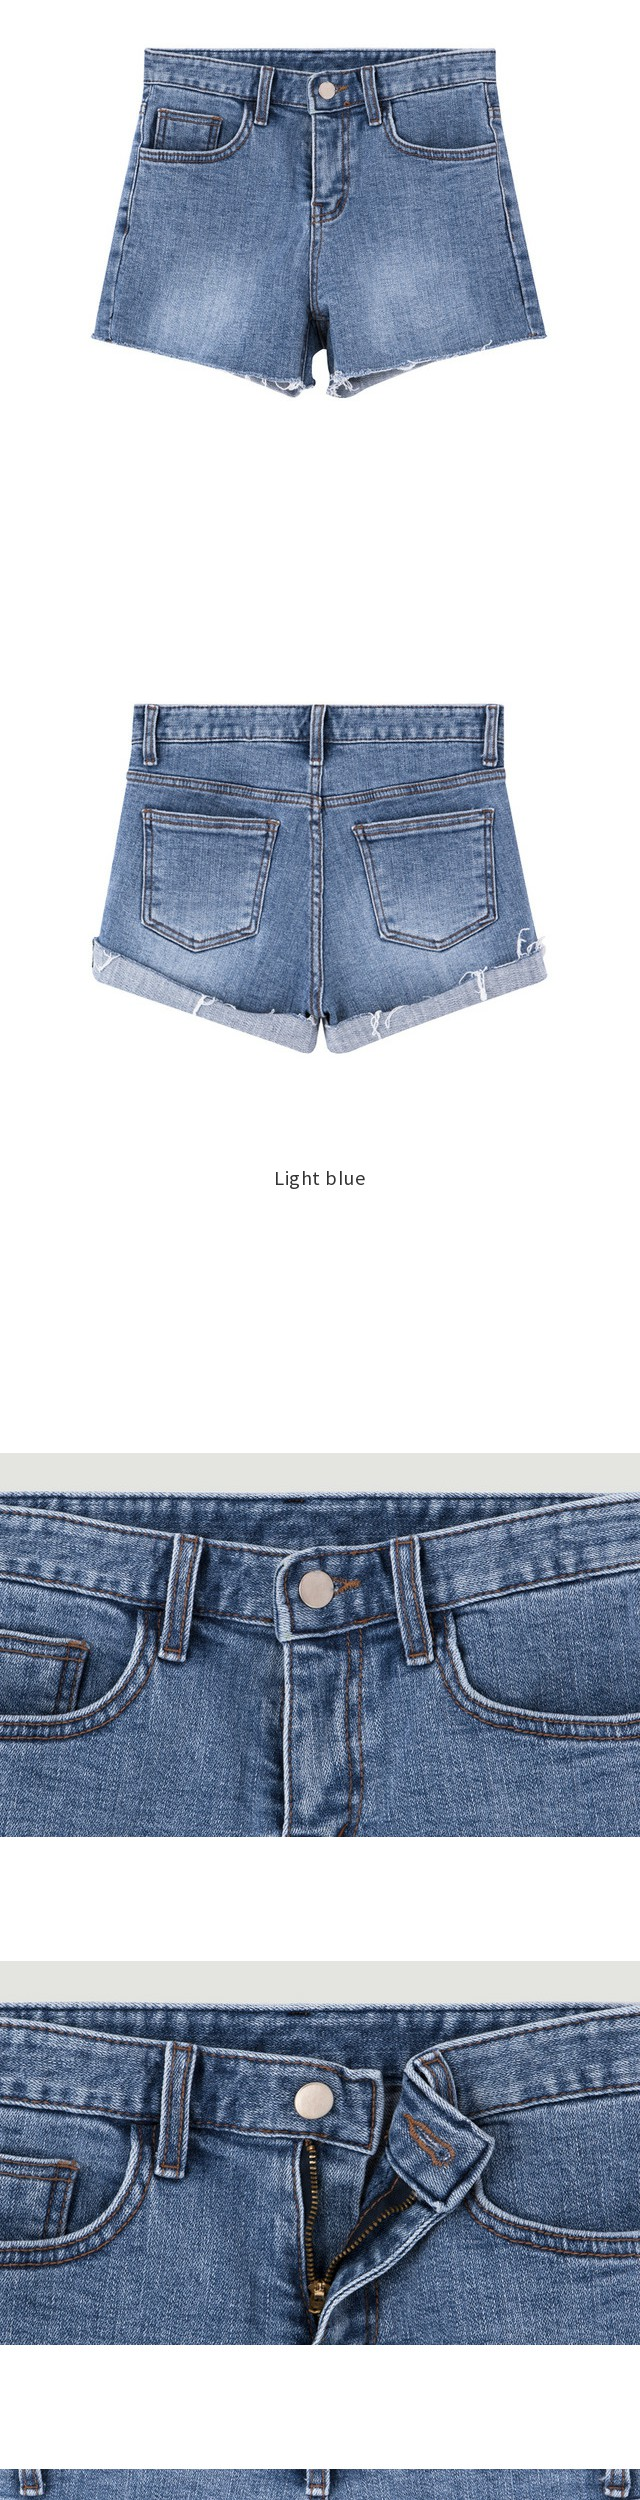 514 Megan denim shorts